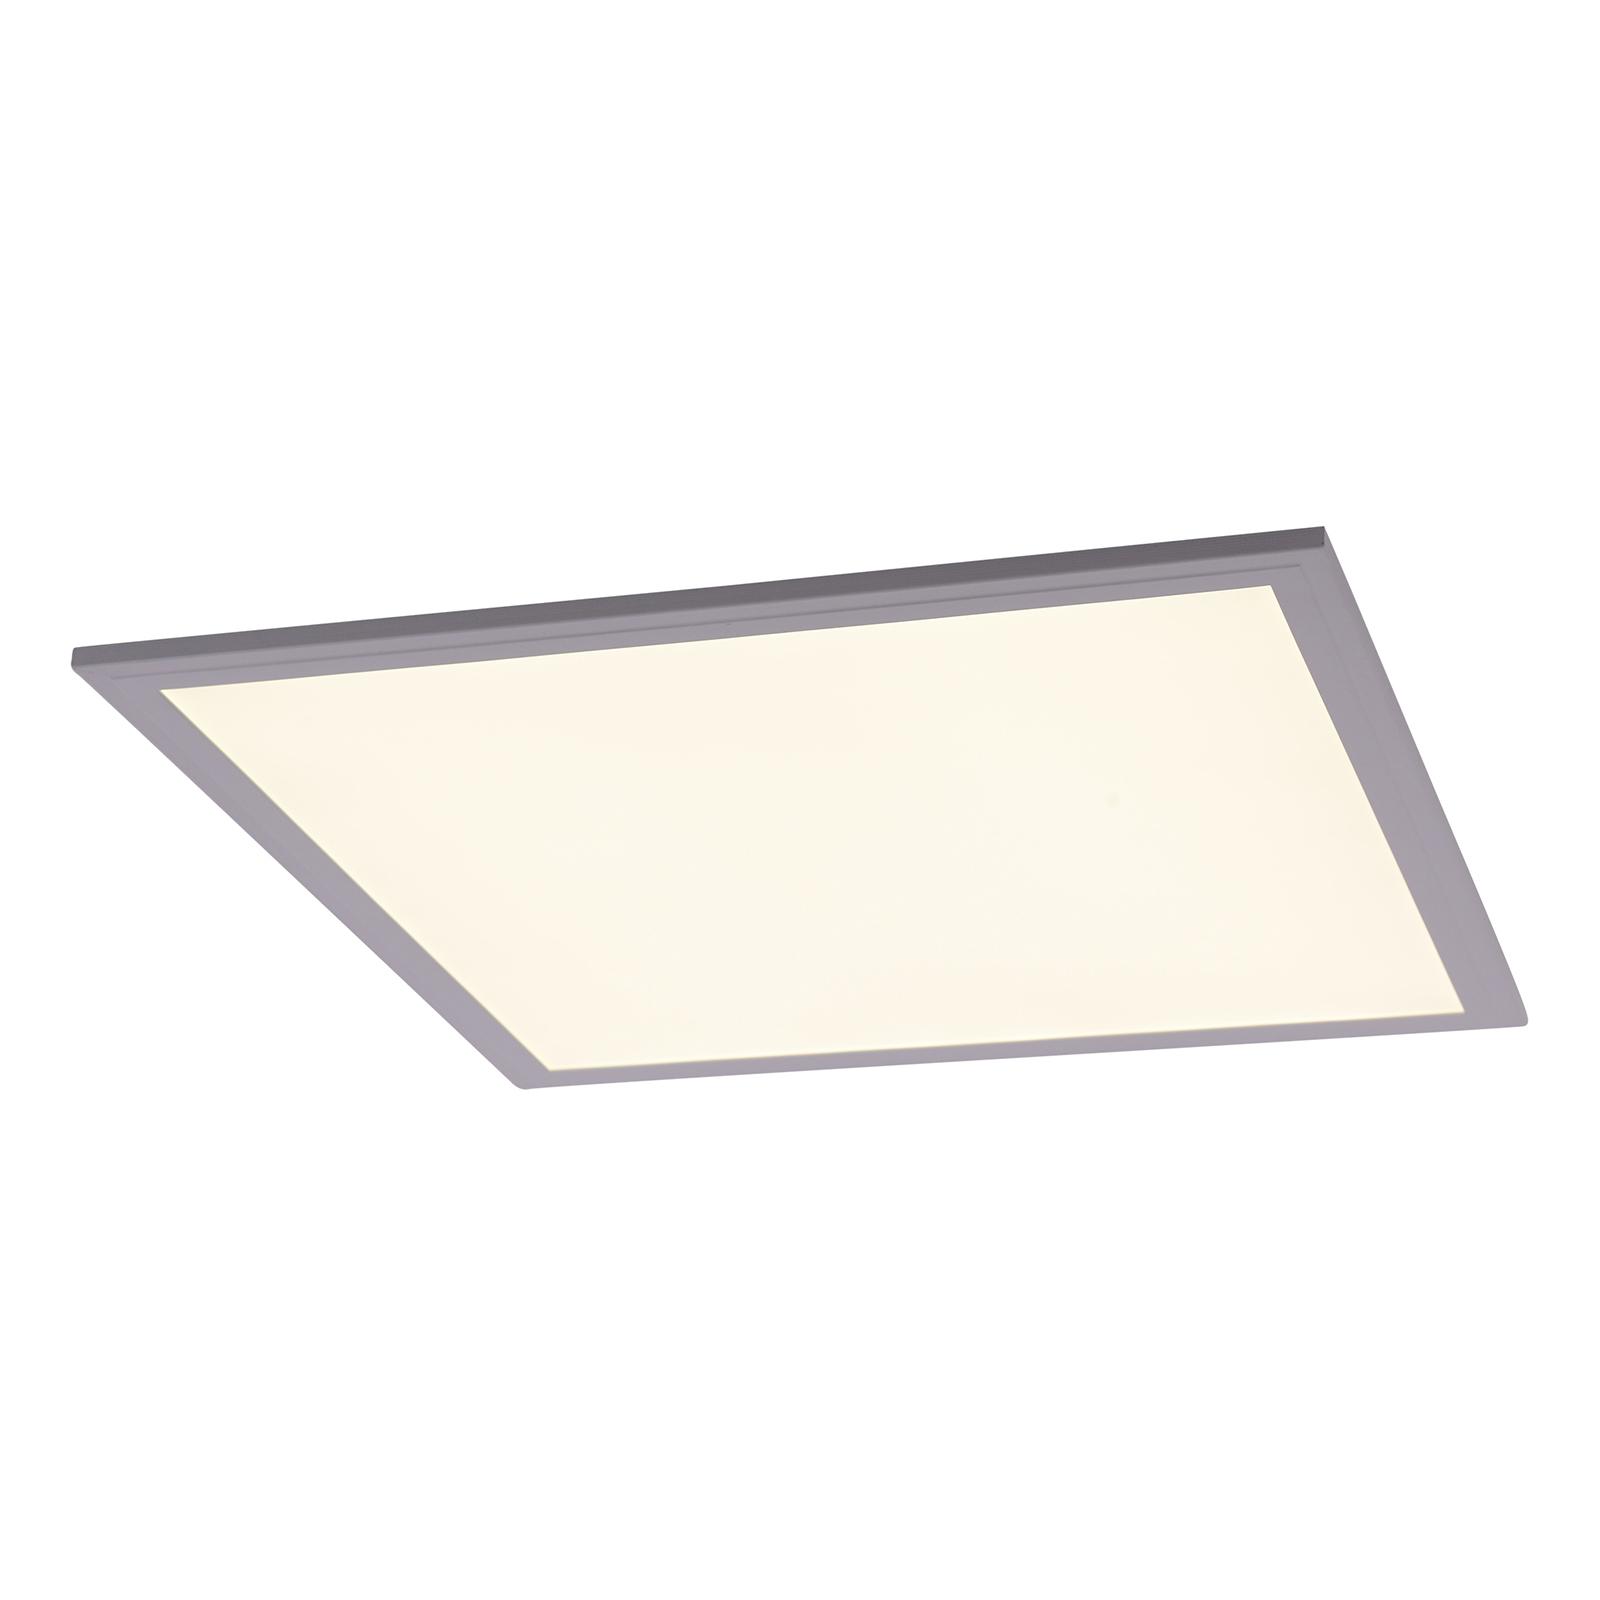 LED-Panel 1297903 zum Ein- oder Aufbau, 45x45 cm